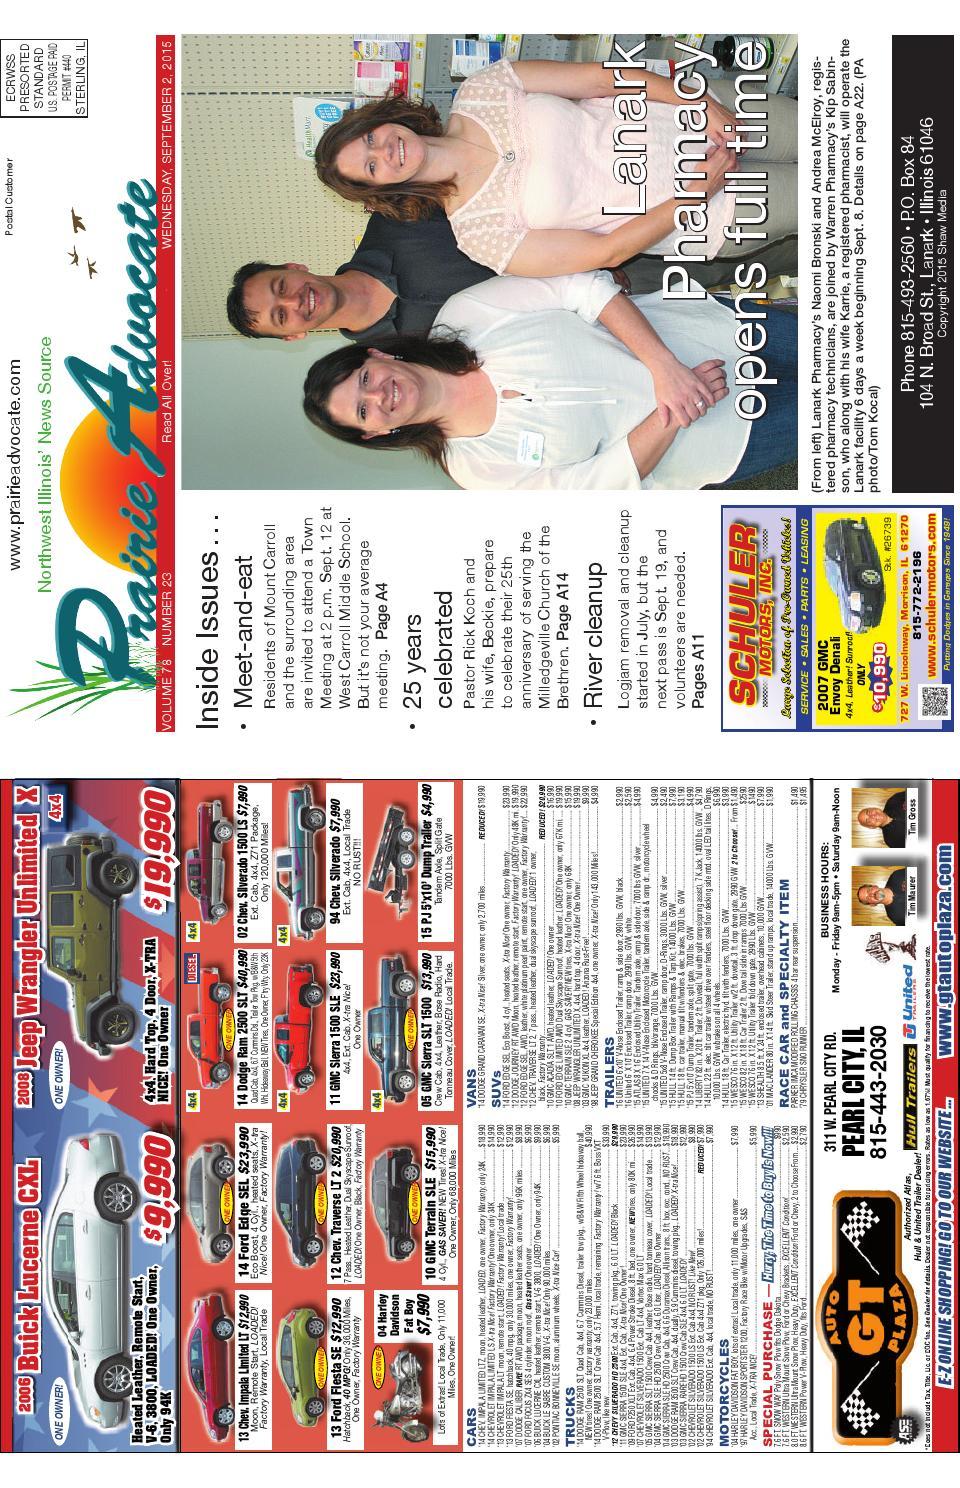 PRA_09022015 by Shaw Media - issuu